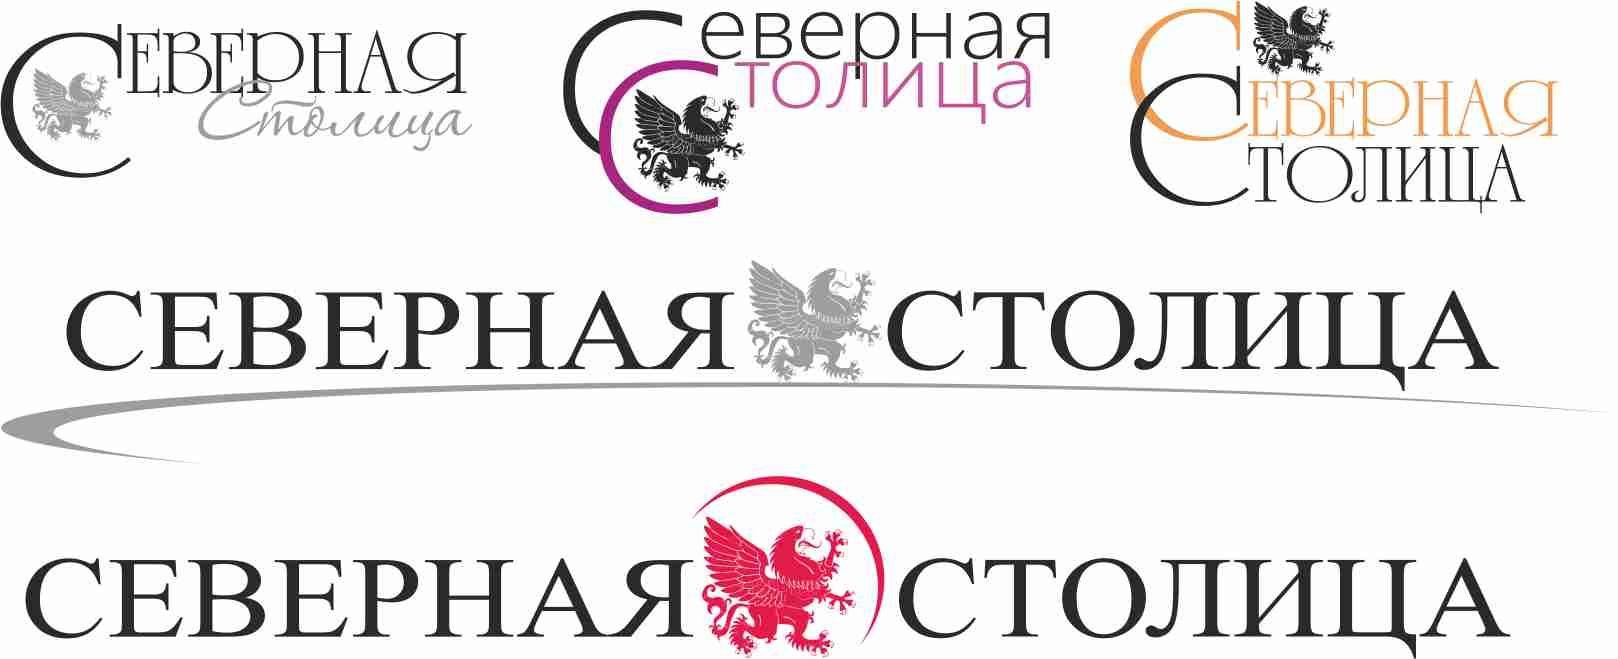 Логотип для компании Северная Столица - дизайнер norma-art